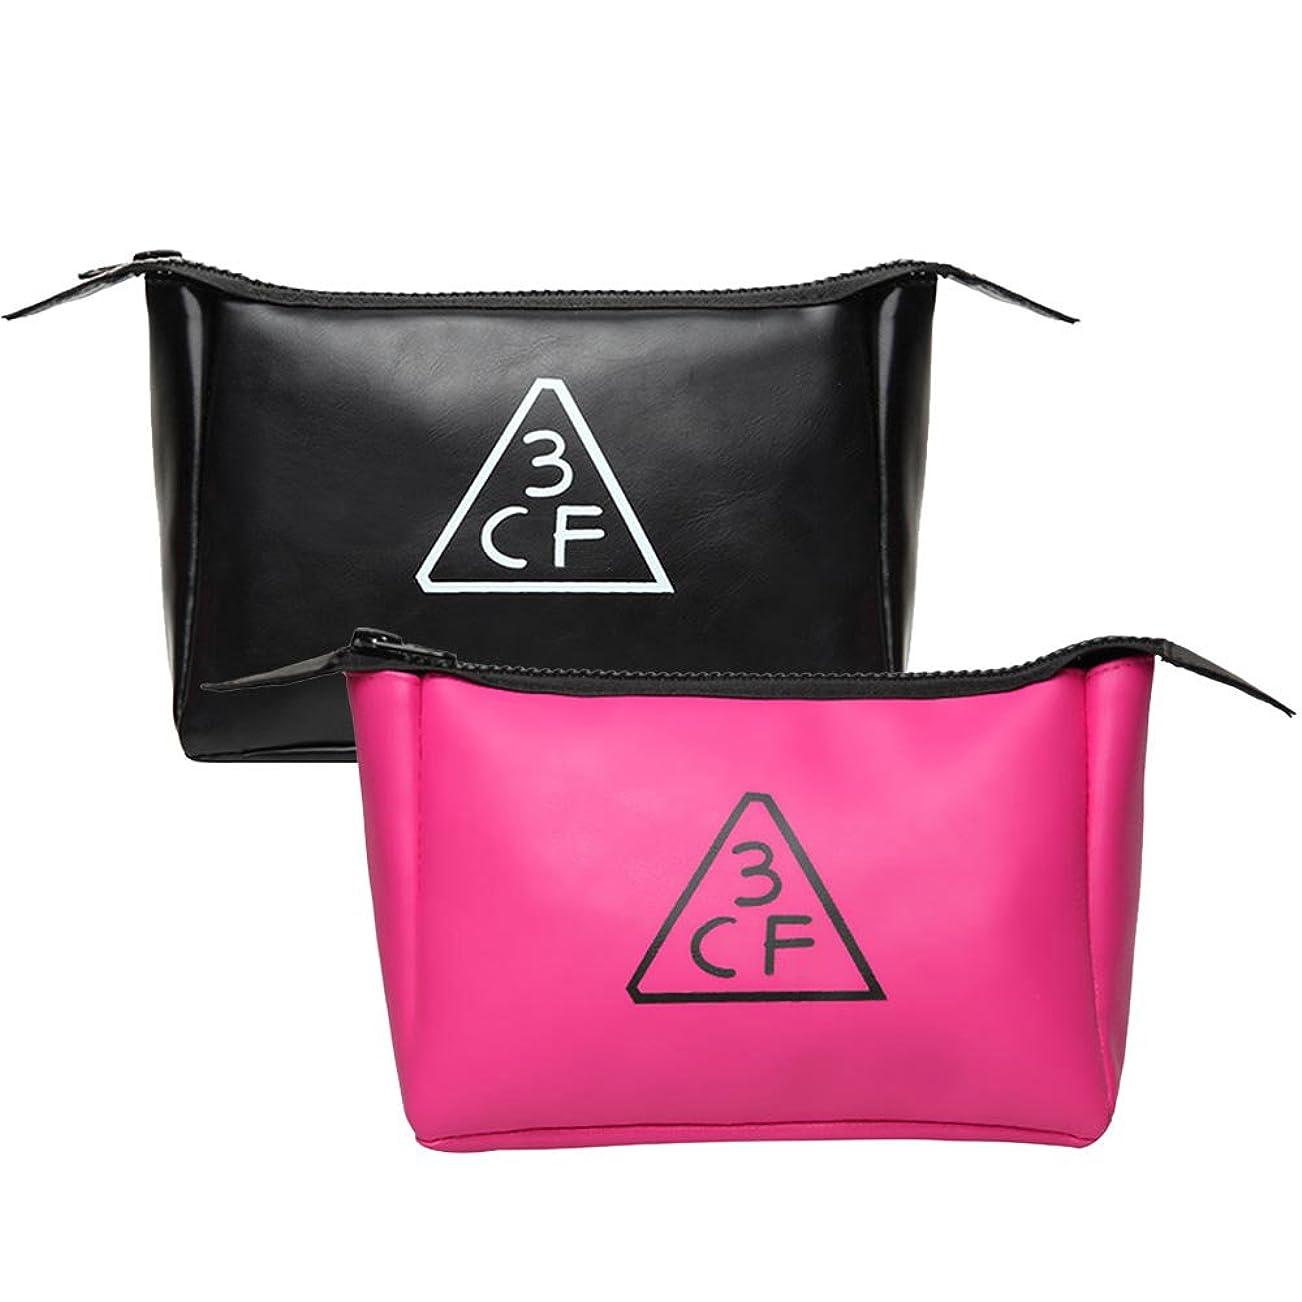 巡礼者意気込み操縦する韓国コスメ 化粧ポーチ レディース PINK Style 人気 コスメポーチ スタイルナンダ ポーチ 大容量 かわいい ピンク 小さい ブランド 黒